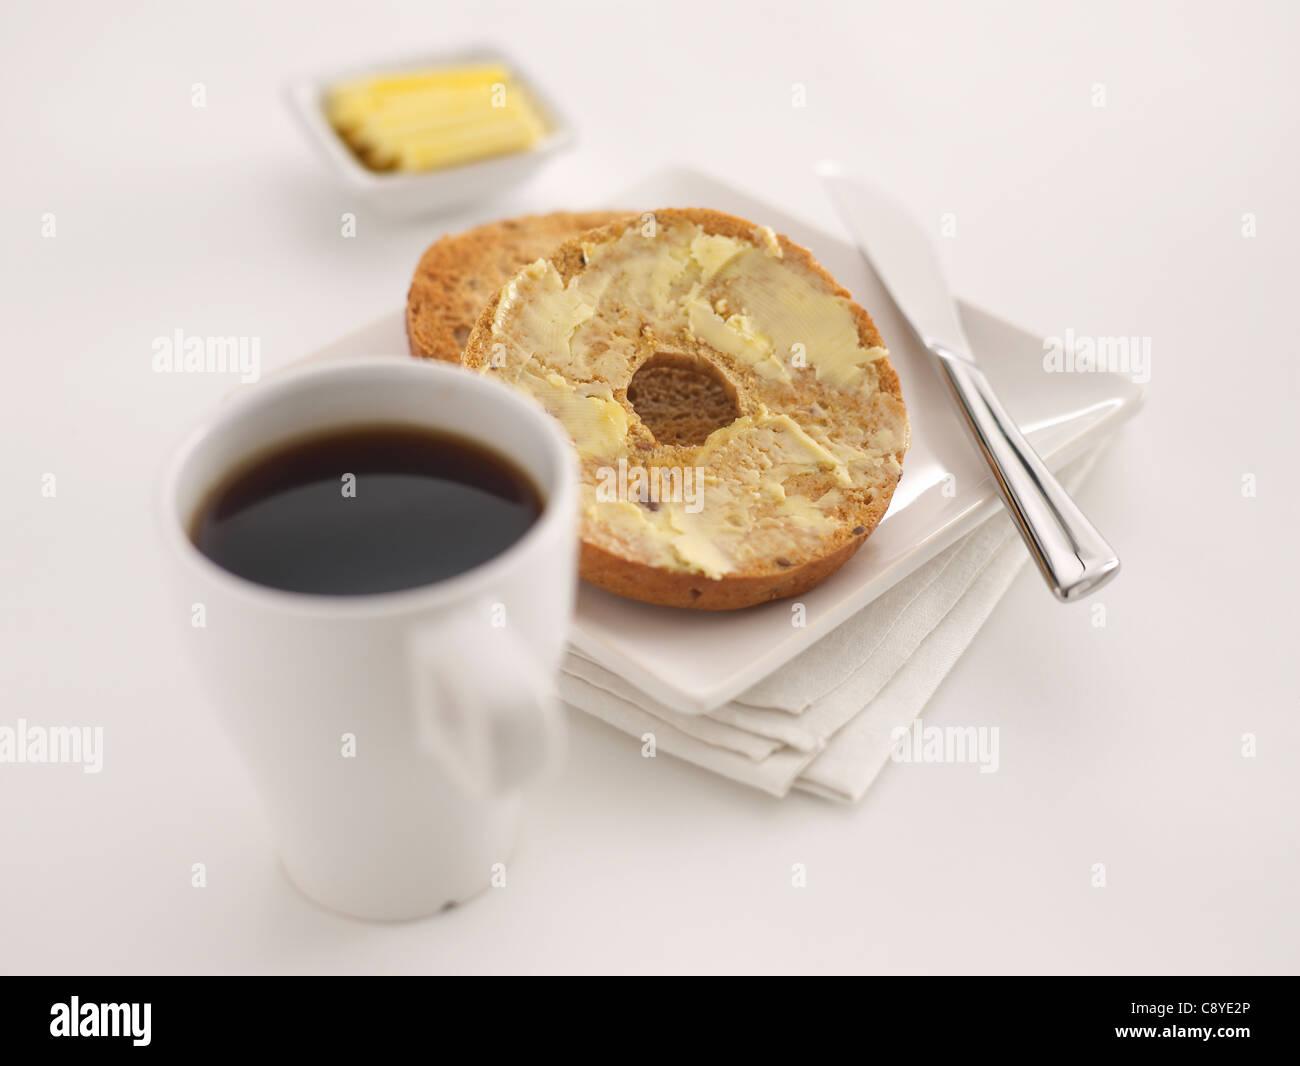 Kaffe bagel dating app